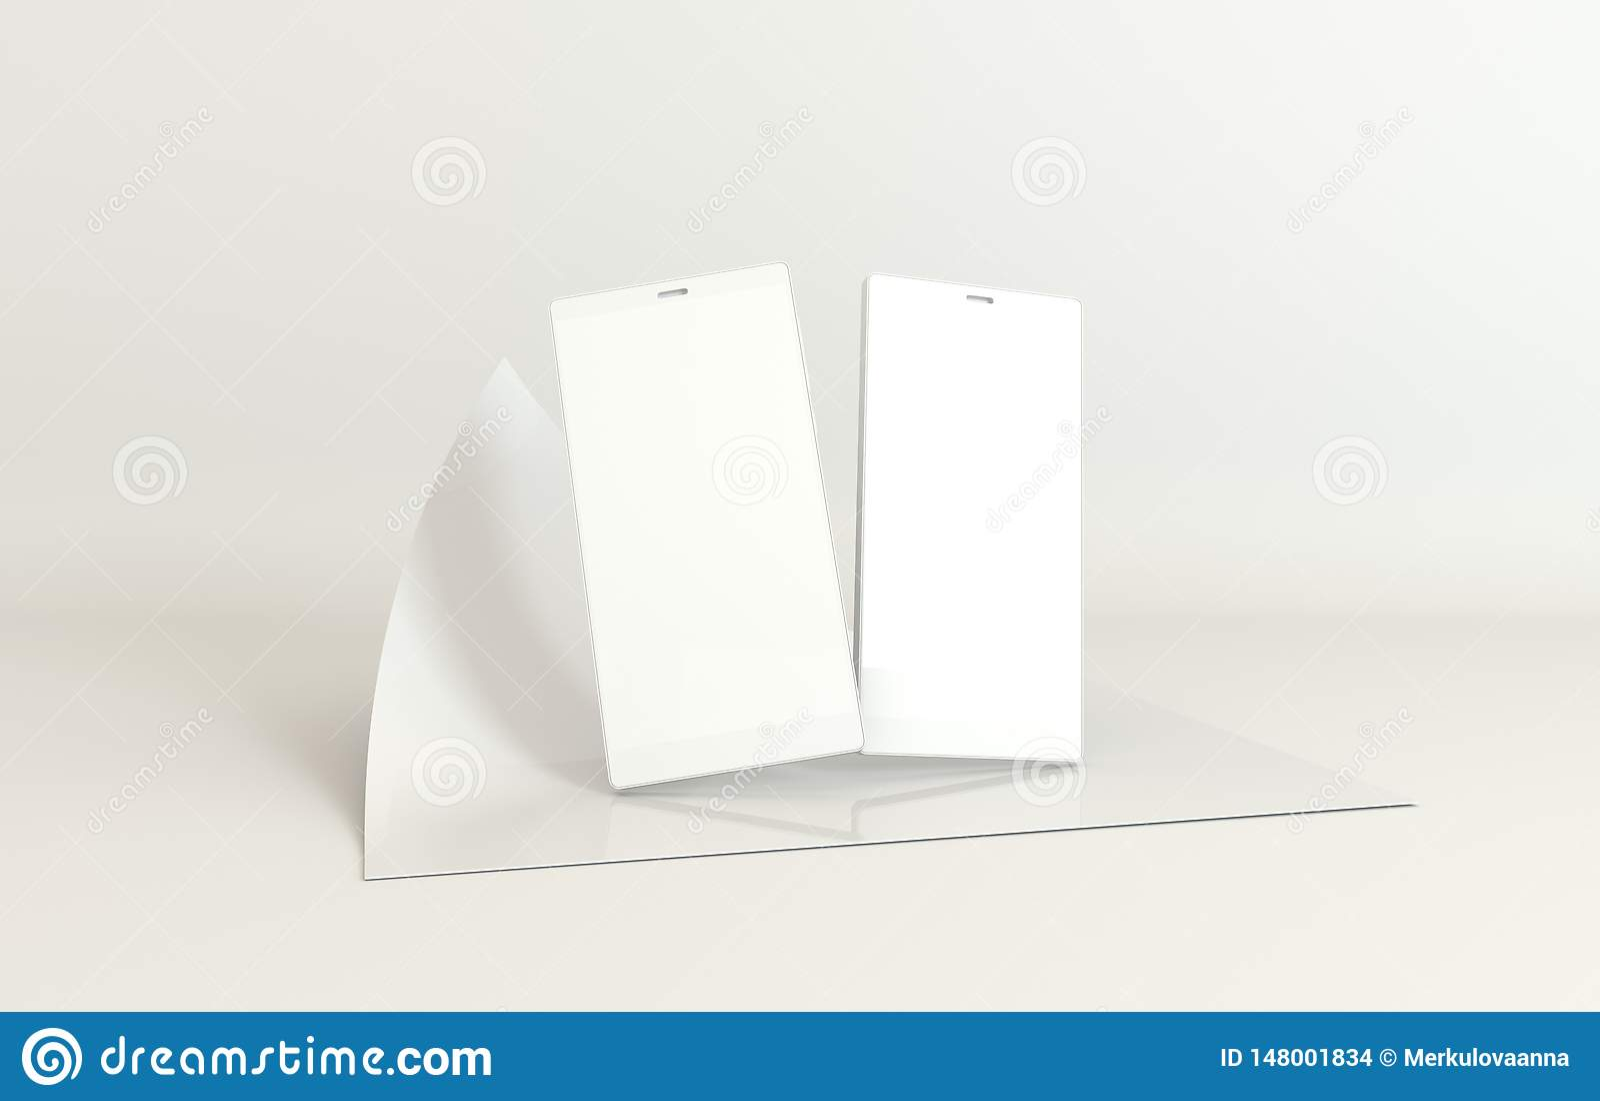 Предпосылка модель-макета смартфона в современном минимальном стиле Frameless мобильный телефон 3d представить в пастельных цвета